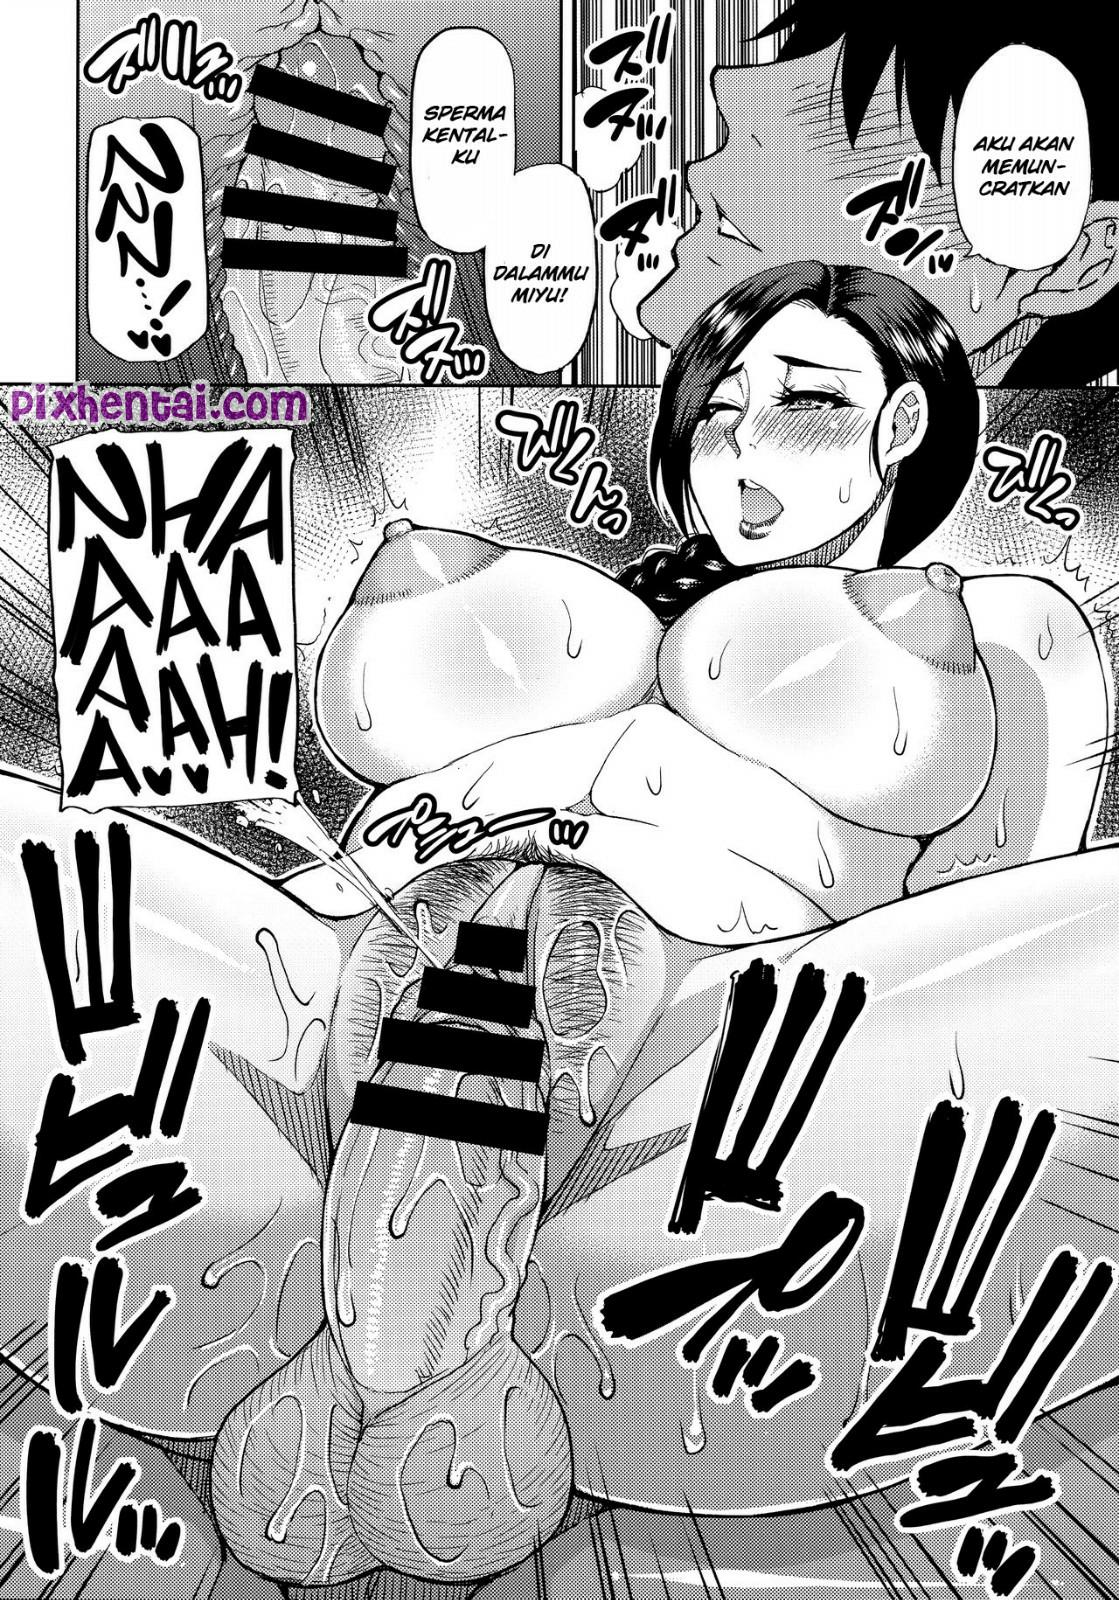 Komik hentai xxx manga sex bokep Ngentot Tante Semok sebagai Upah menjadi Guru Les 23